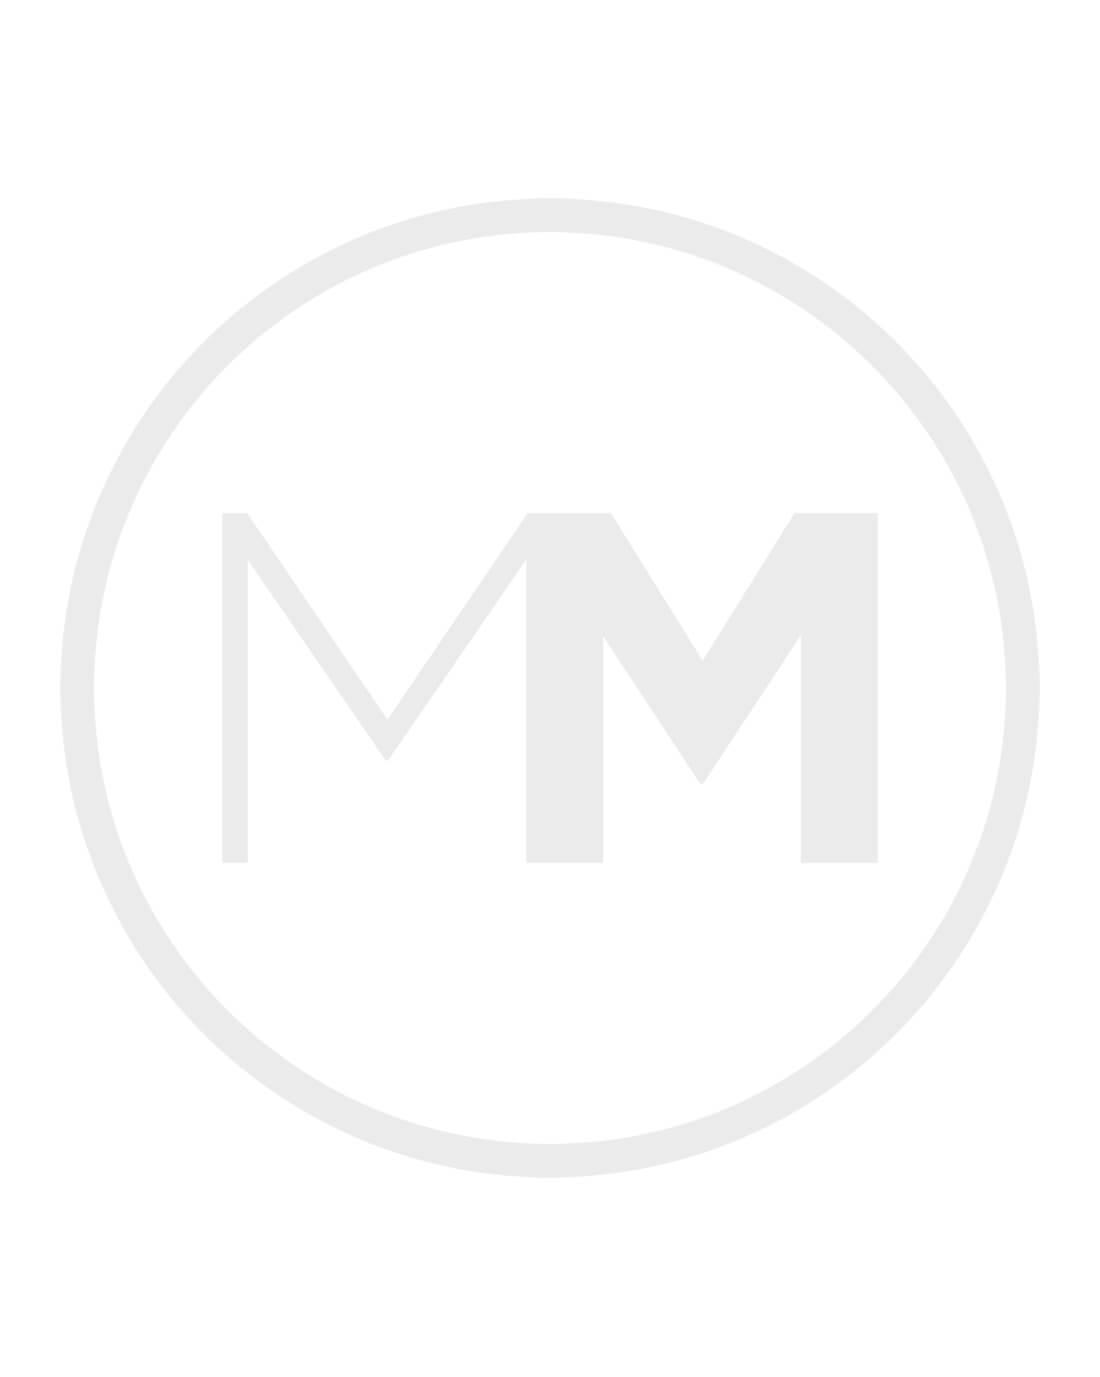 31Mijn Met Sandalen Gabor 750 Hak Modewereld 21 UVzpMS